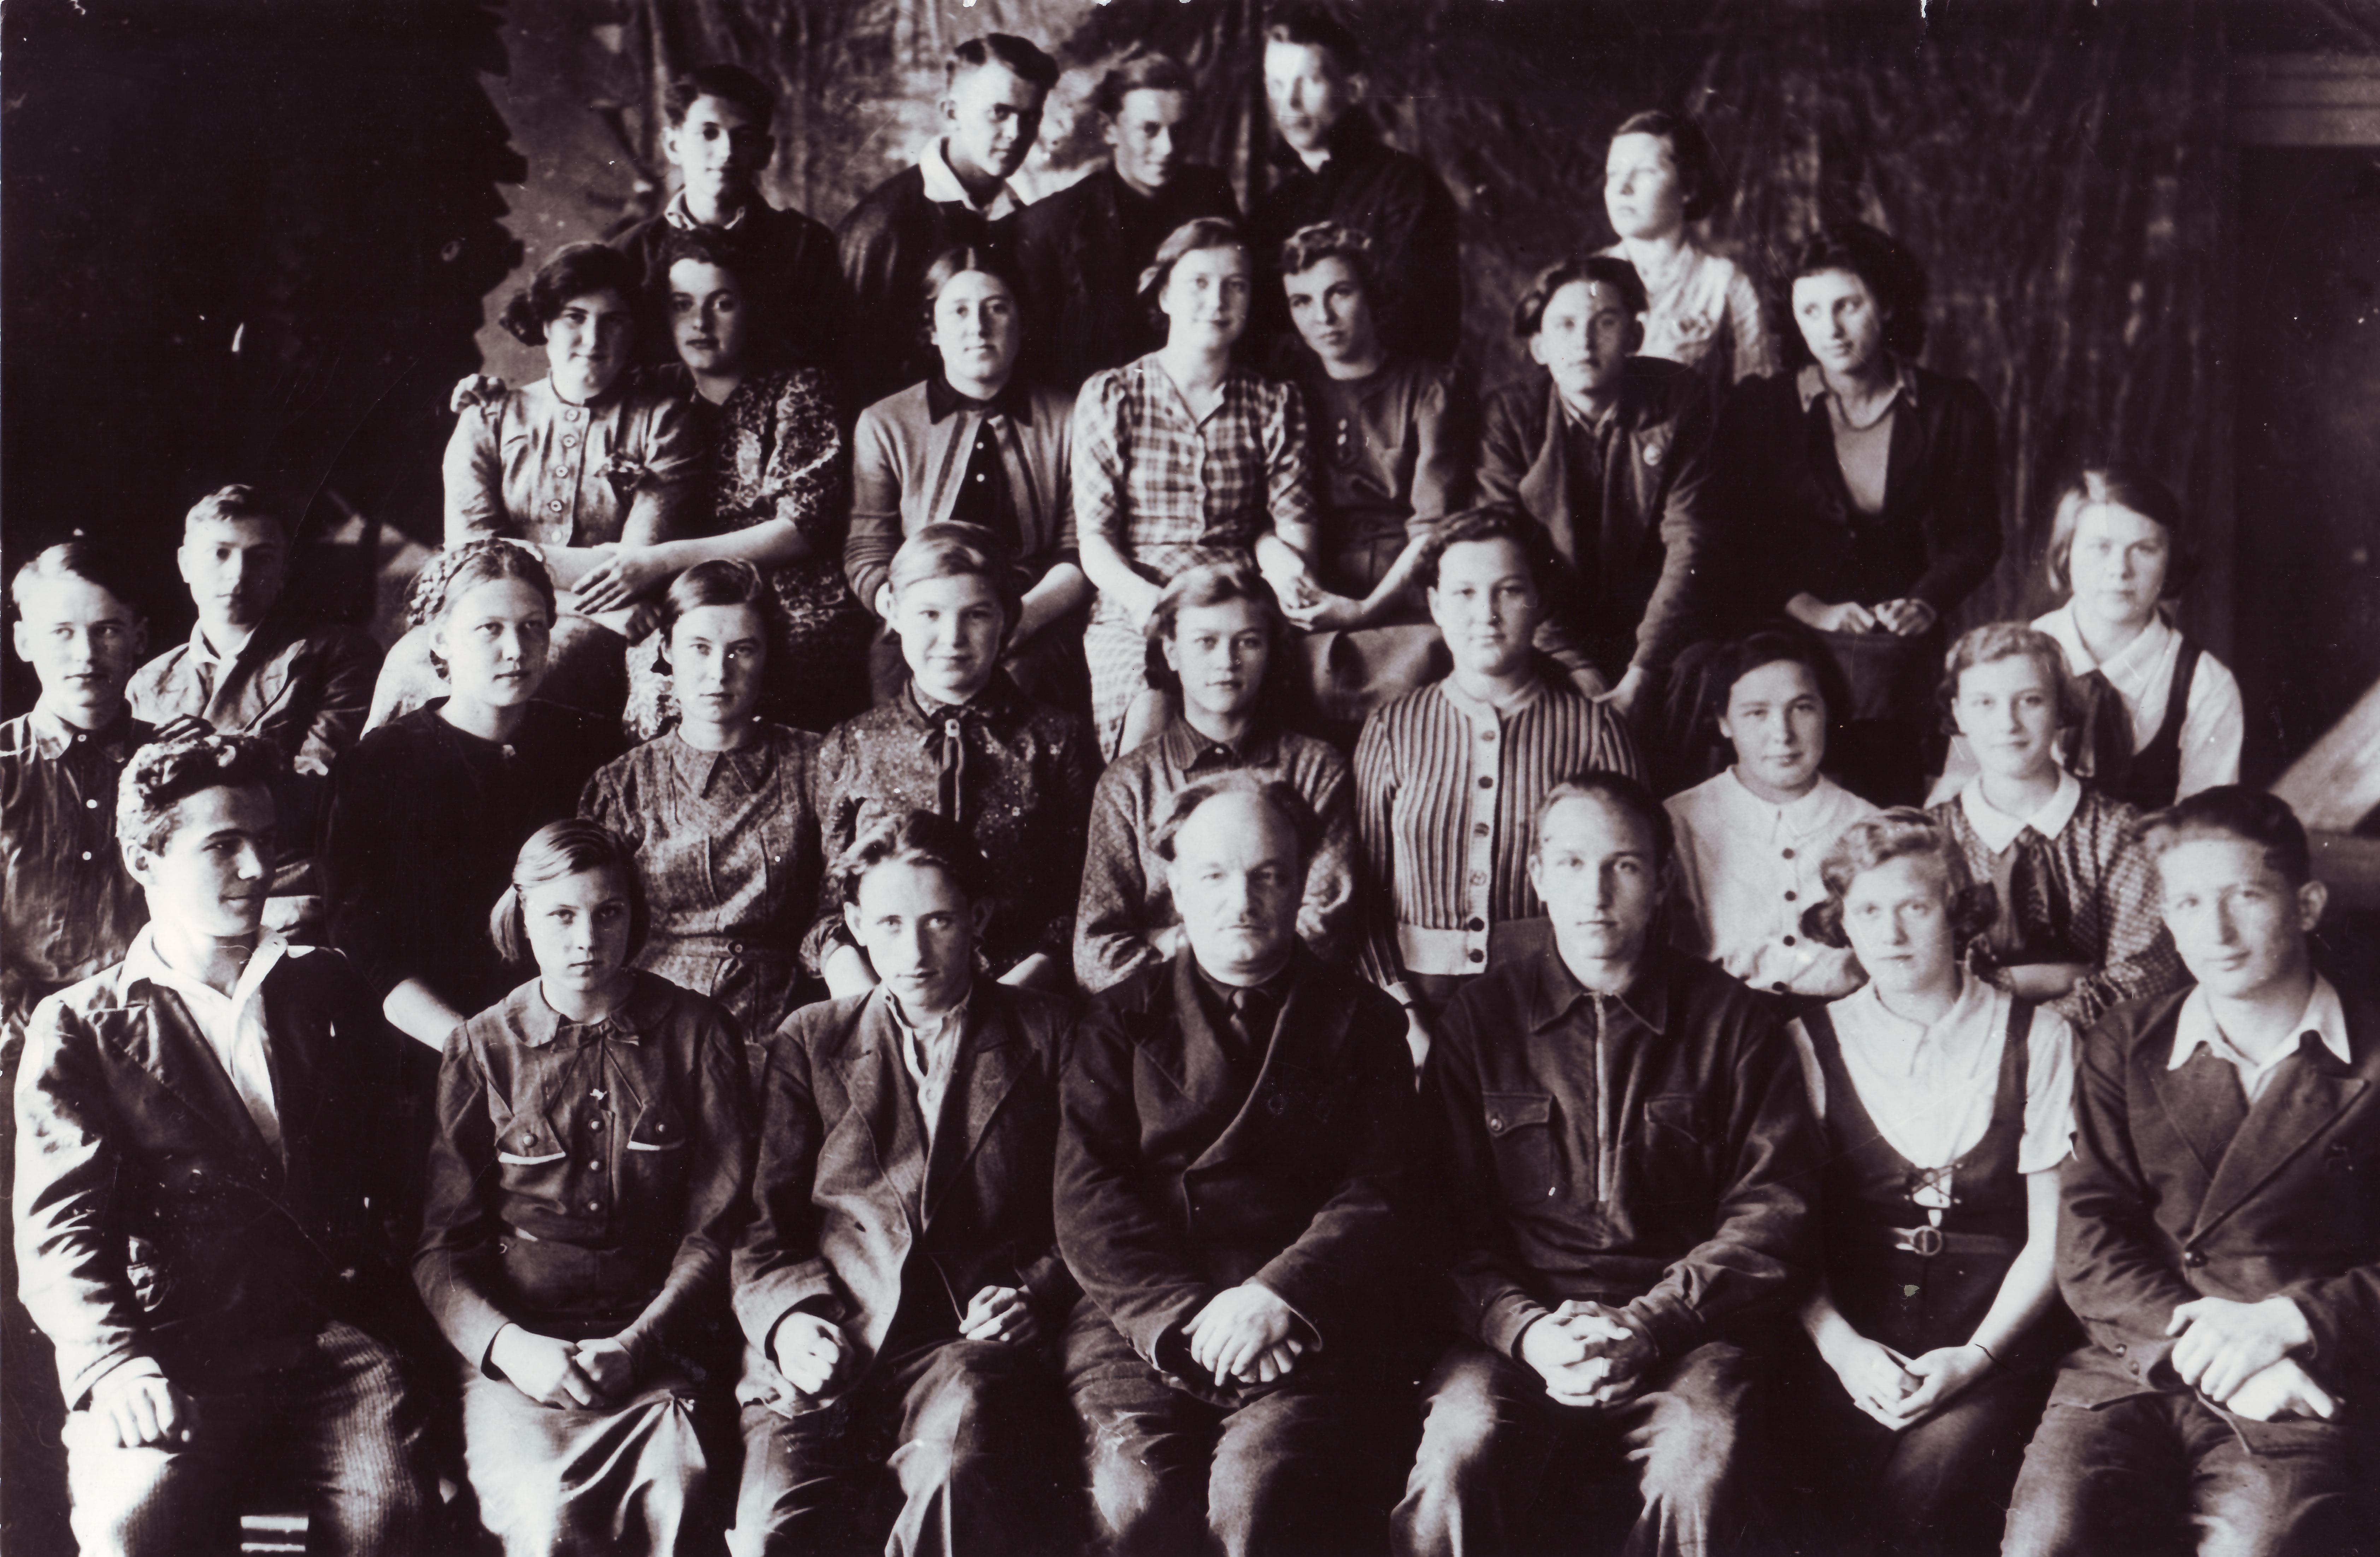 """9 класс """"А"""". 1941 год. Зоя Космодемьянская четвёртая справа во втором ряду (в полосатой кофточке), Саша Космодемьянский крайний слева (сидит вполоборота)."""